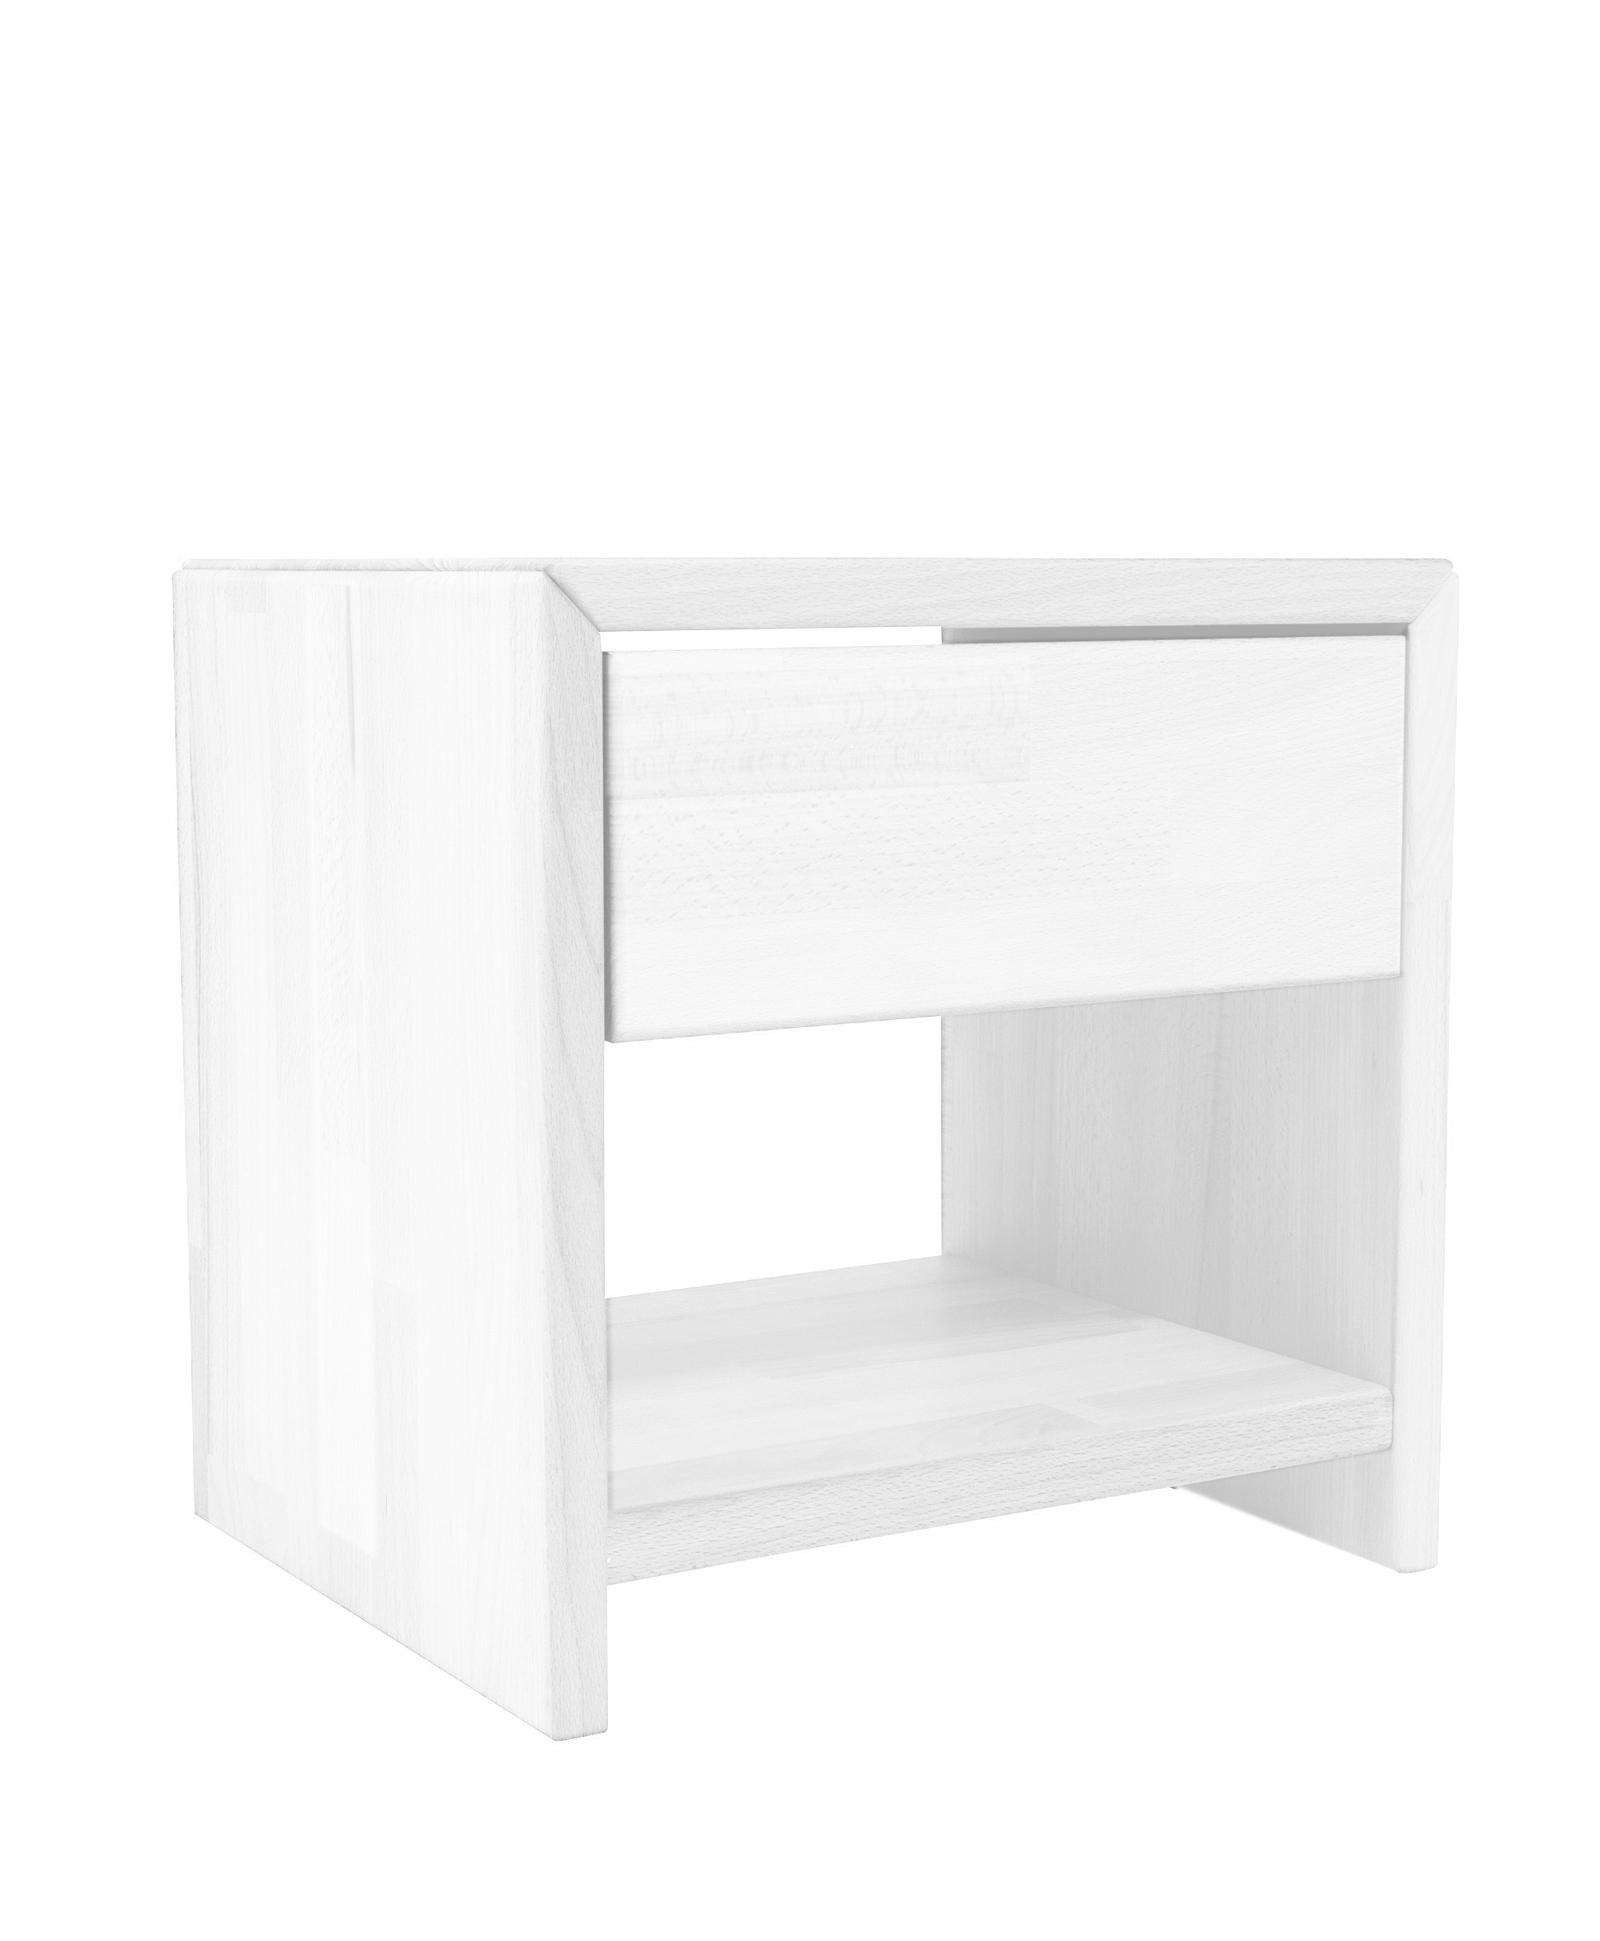 nachttisch 40 cm breit weiss cheap hngeregal wandregal wandboard regal wei cm hoch sondertiefe. Black Bedroom Furniture Sets. Home Design Ideas